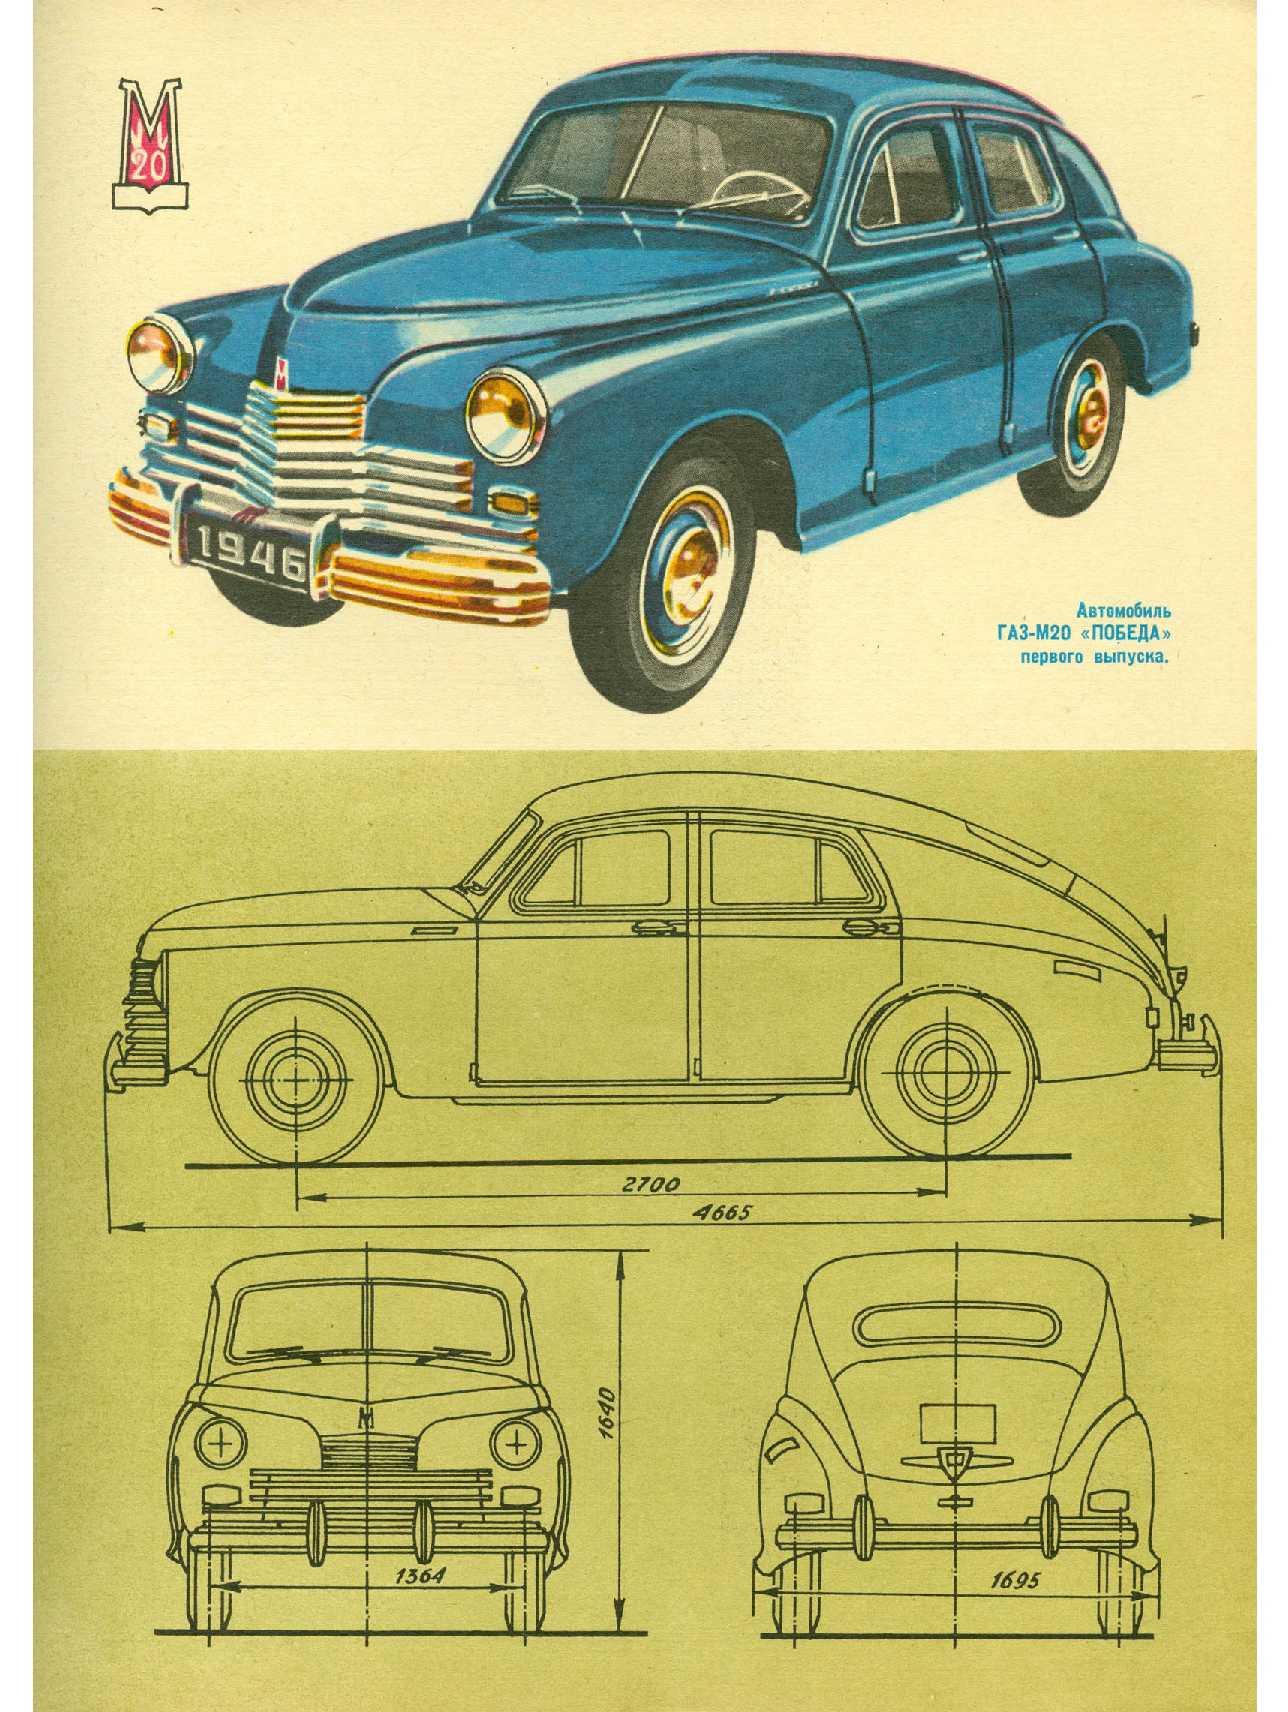 Схема отечественных машин